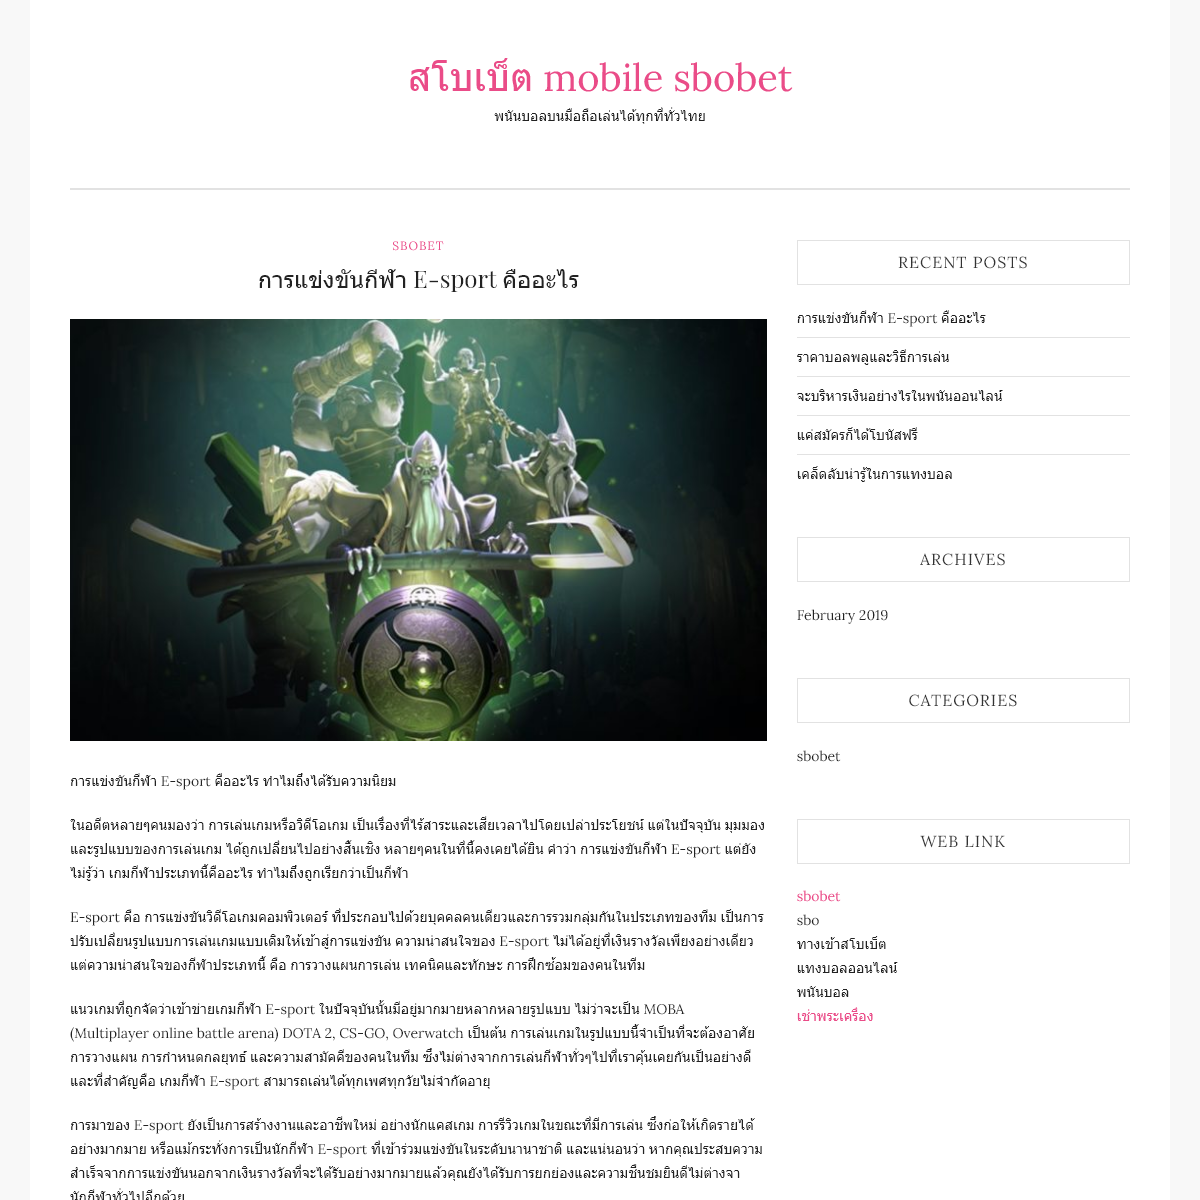 สโบเบ็ต mobile sbobet - พนันบอลบนมือถือเล่นได้ทุกที่ทั